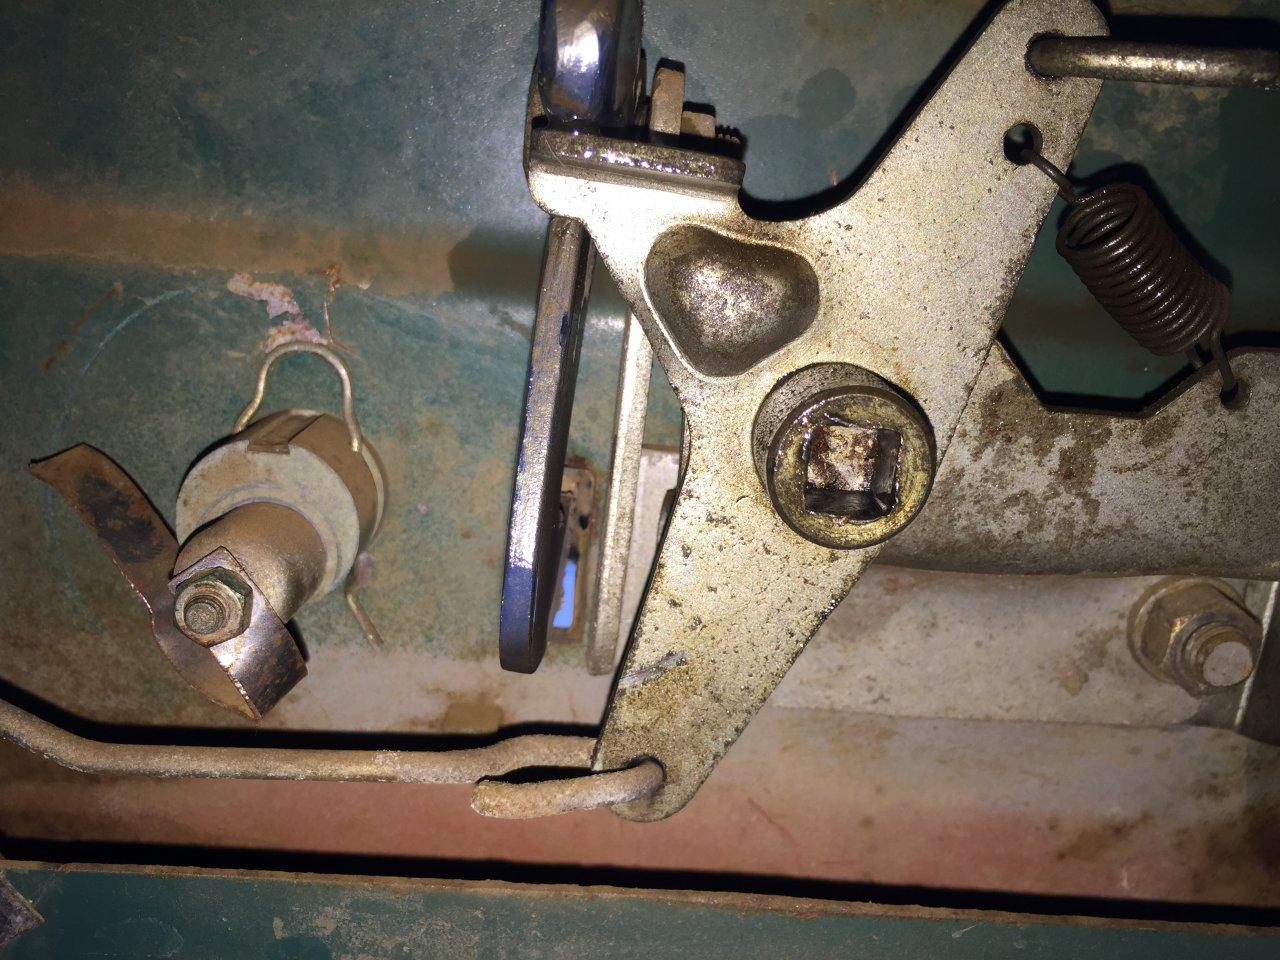 1972 fj40 wiring diagram 1972 fj40 fuel tank wiring